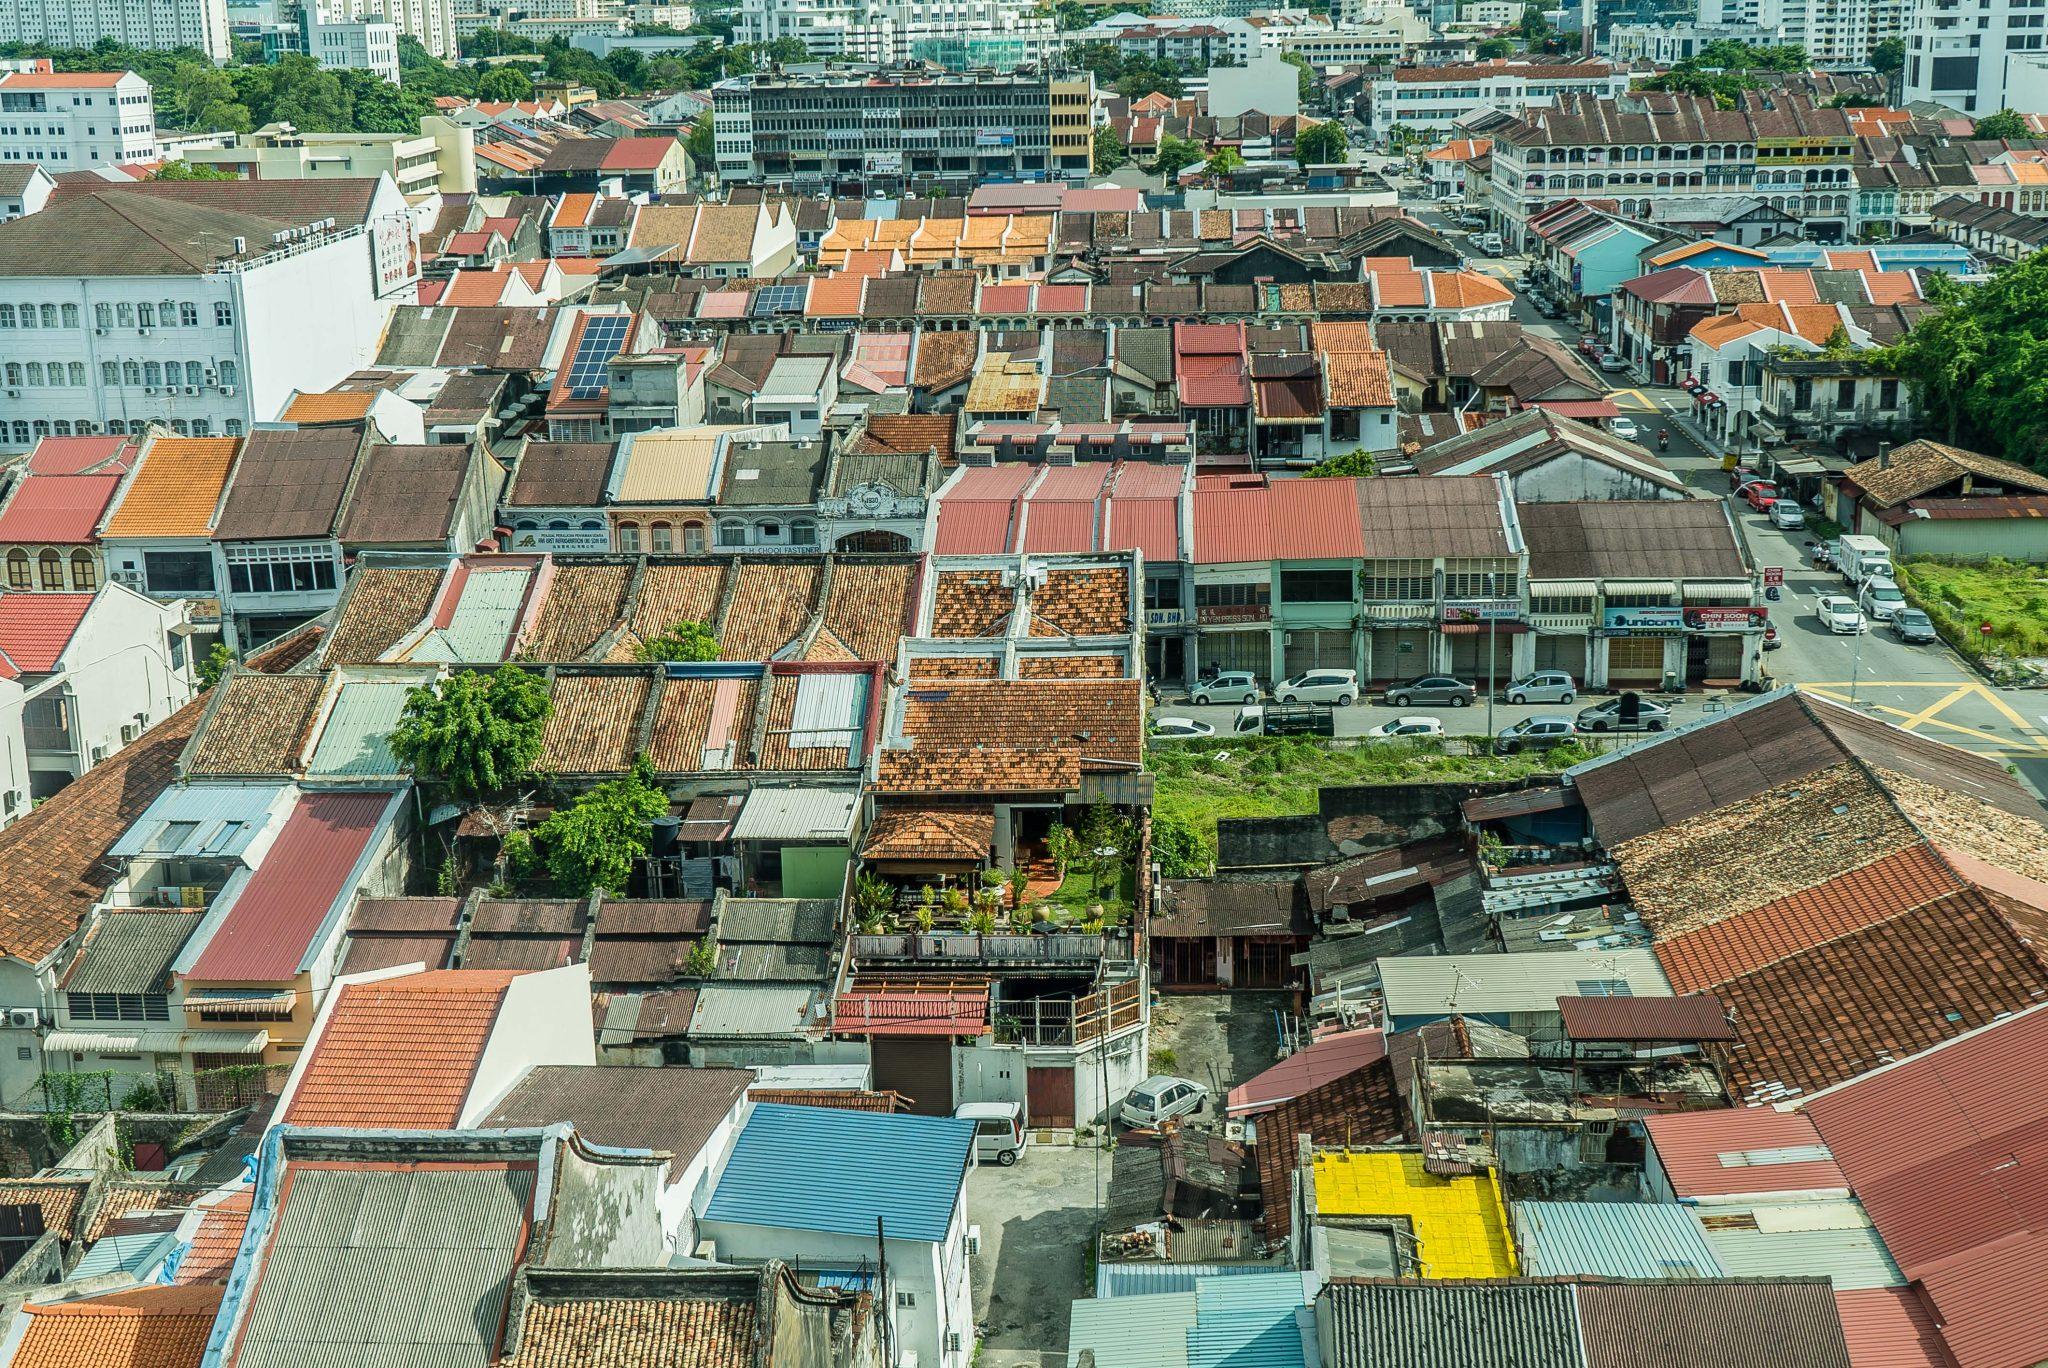 Houses in Georgetown Penang